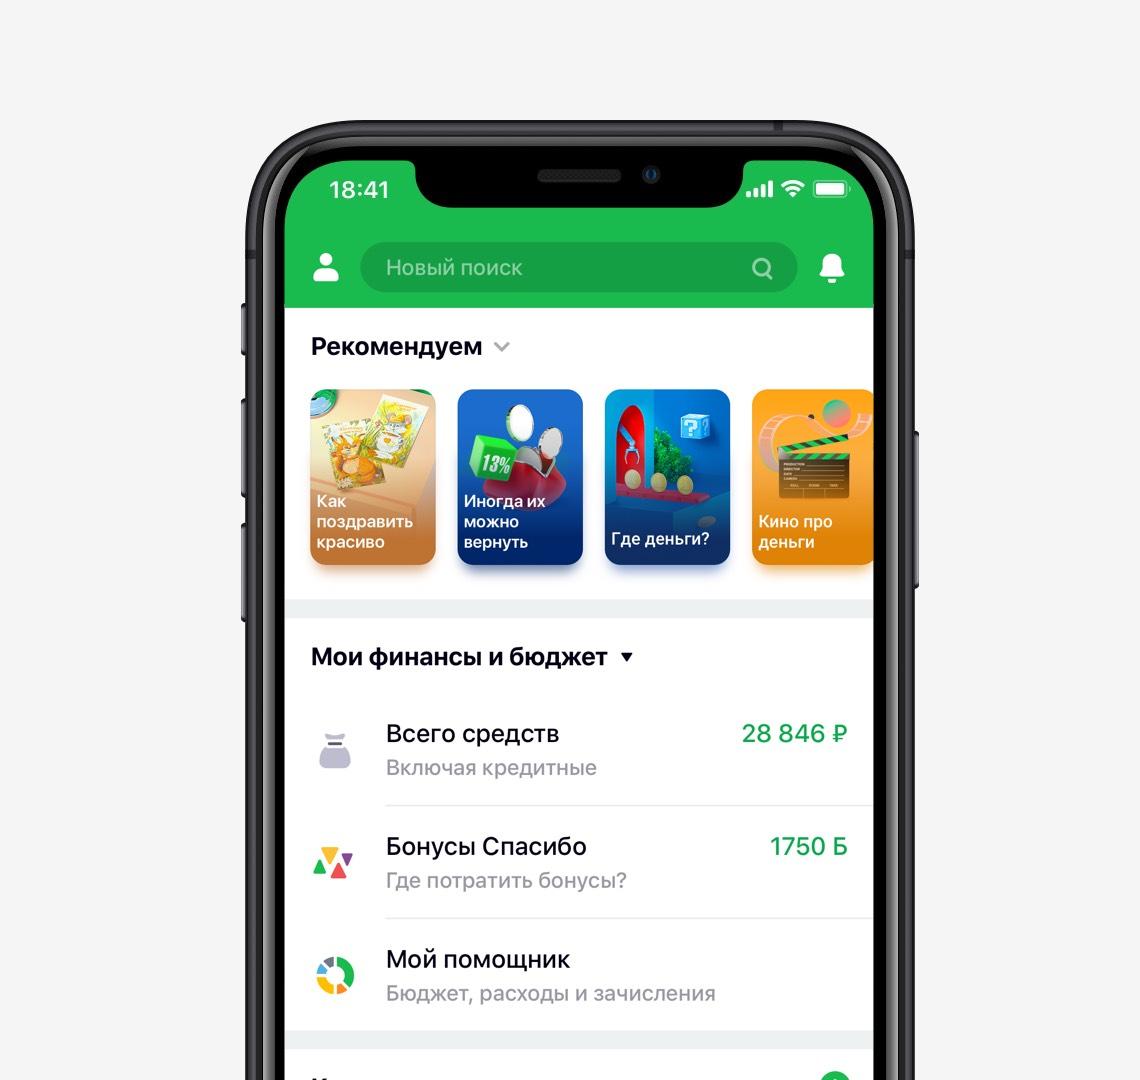 Кредитная карта сбербанк отзывы пользователей